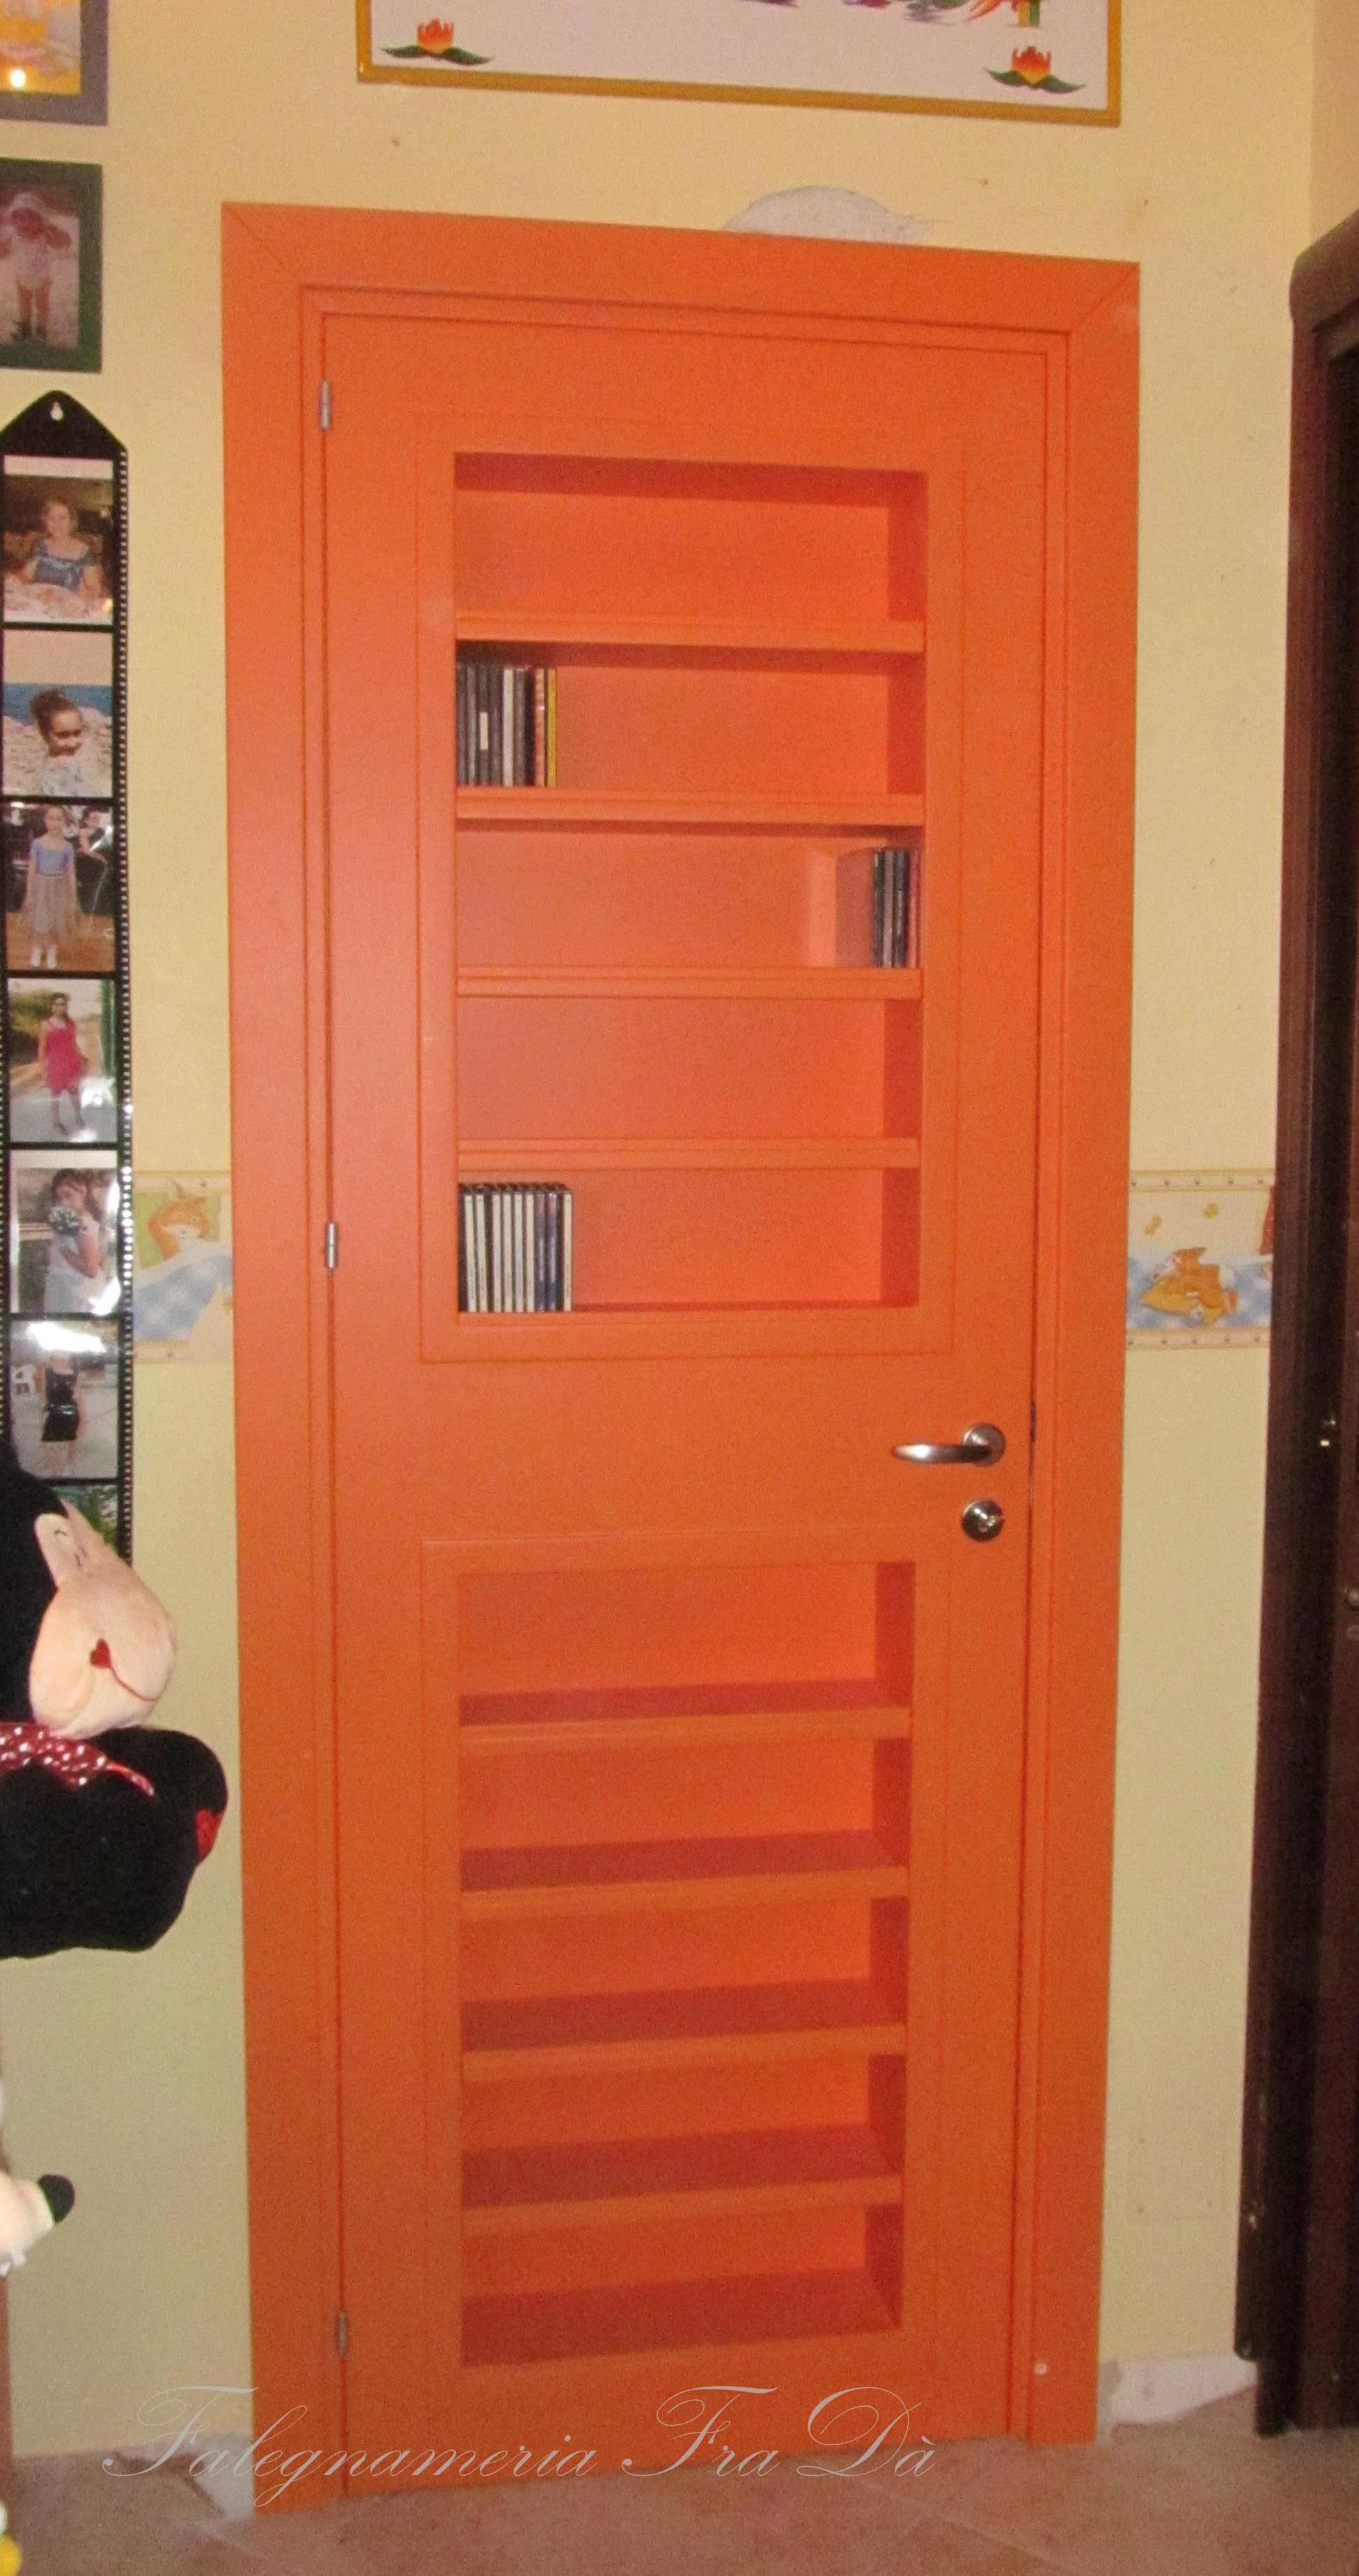 Porta porta cd falegnameria frad falegname a palermo - Porta cd in legno ...